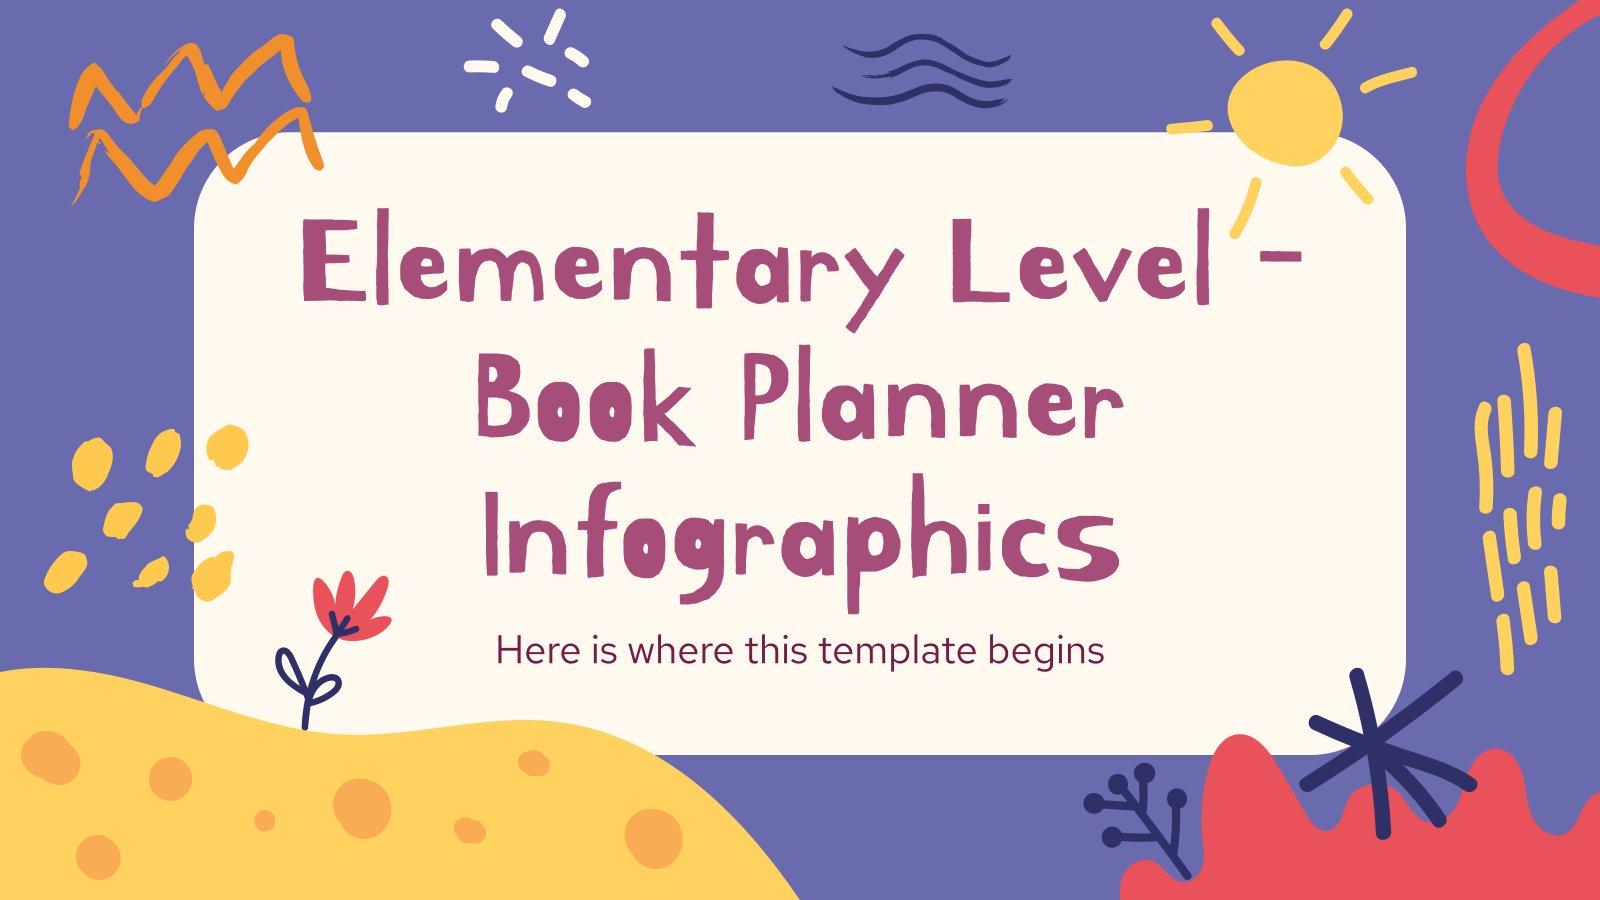 Plantilla de presentación Infografías de agenda semanal de primaria